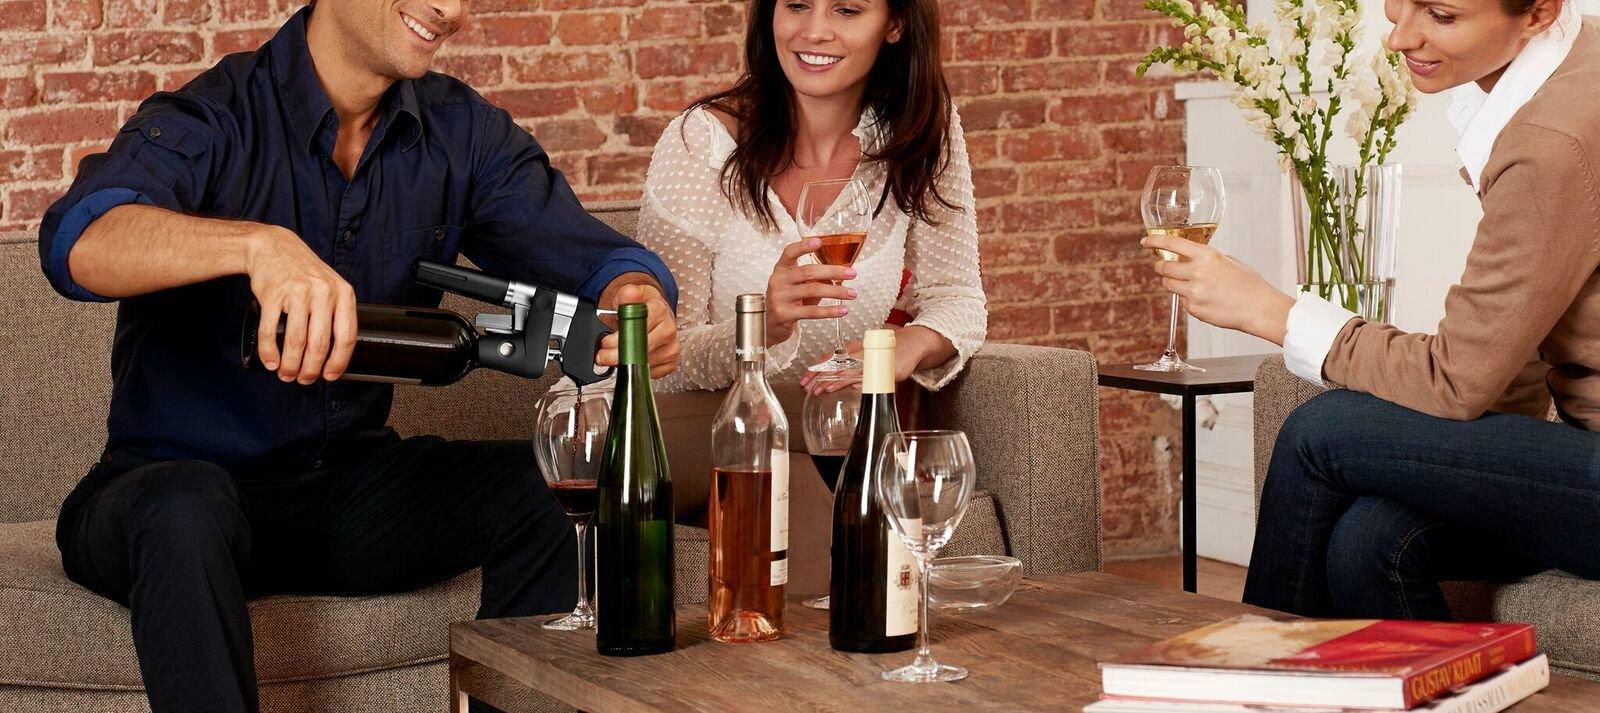 Coravin, un regalo original para los padres amantes del vino